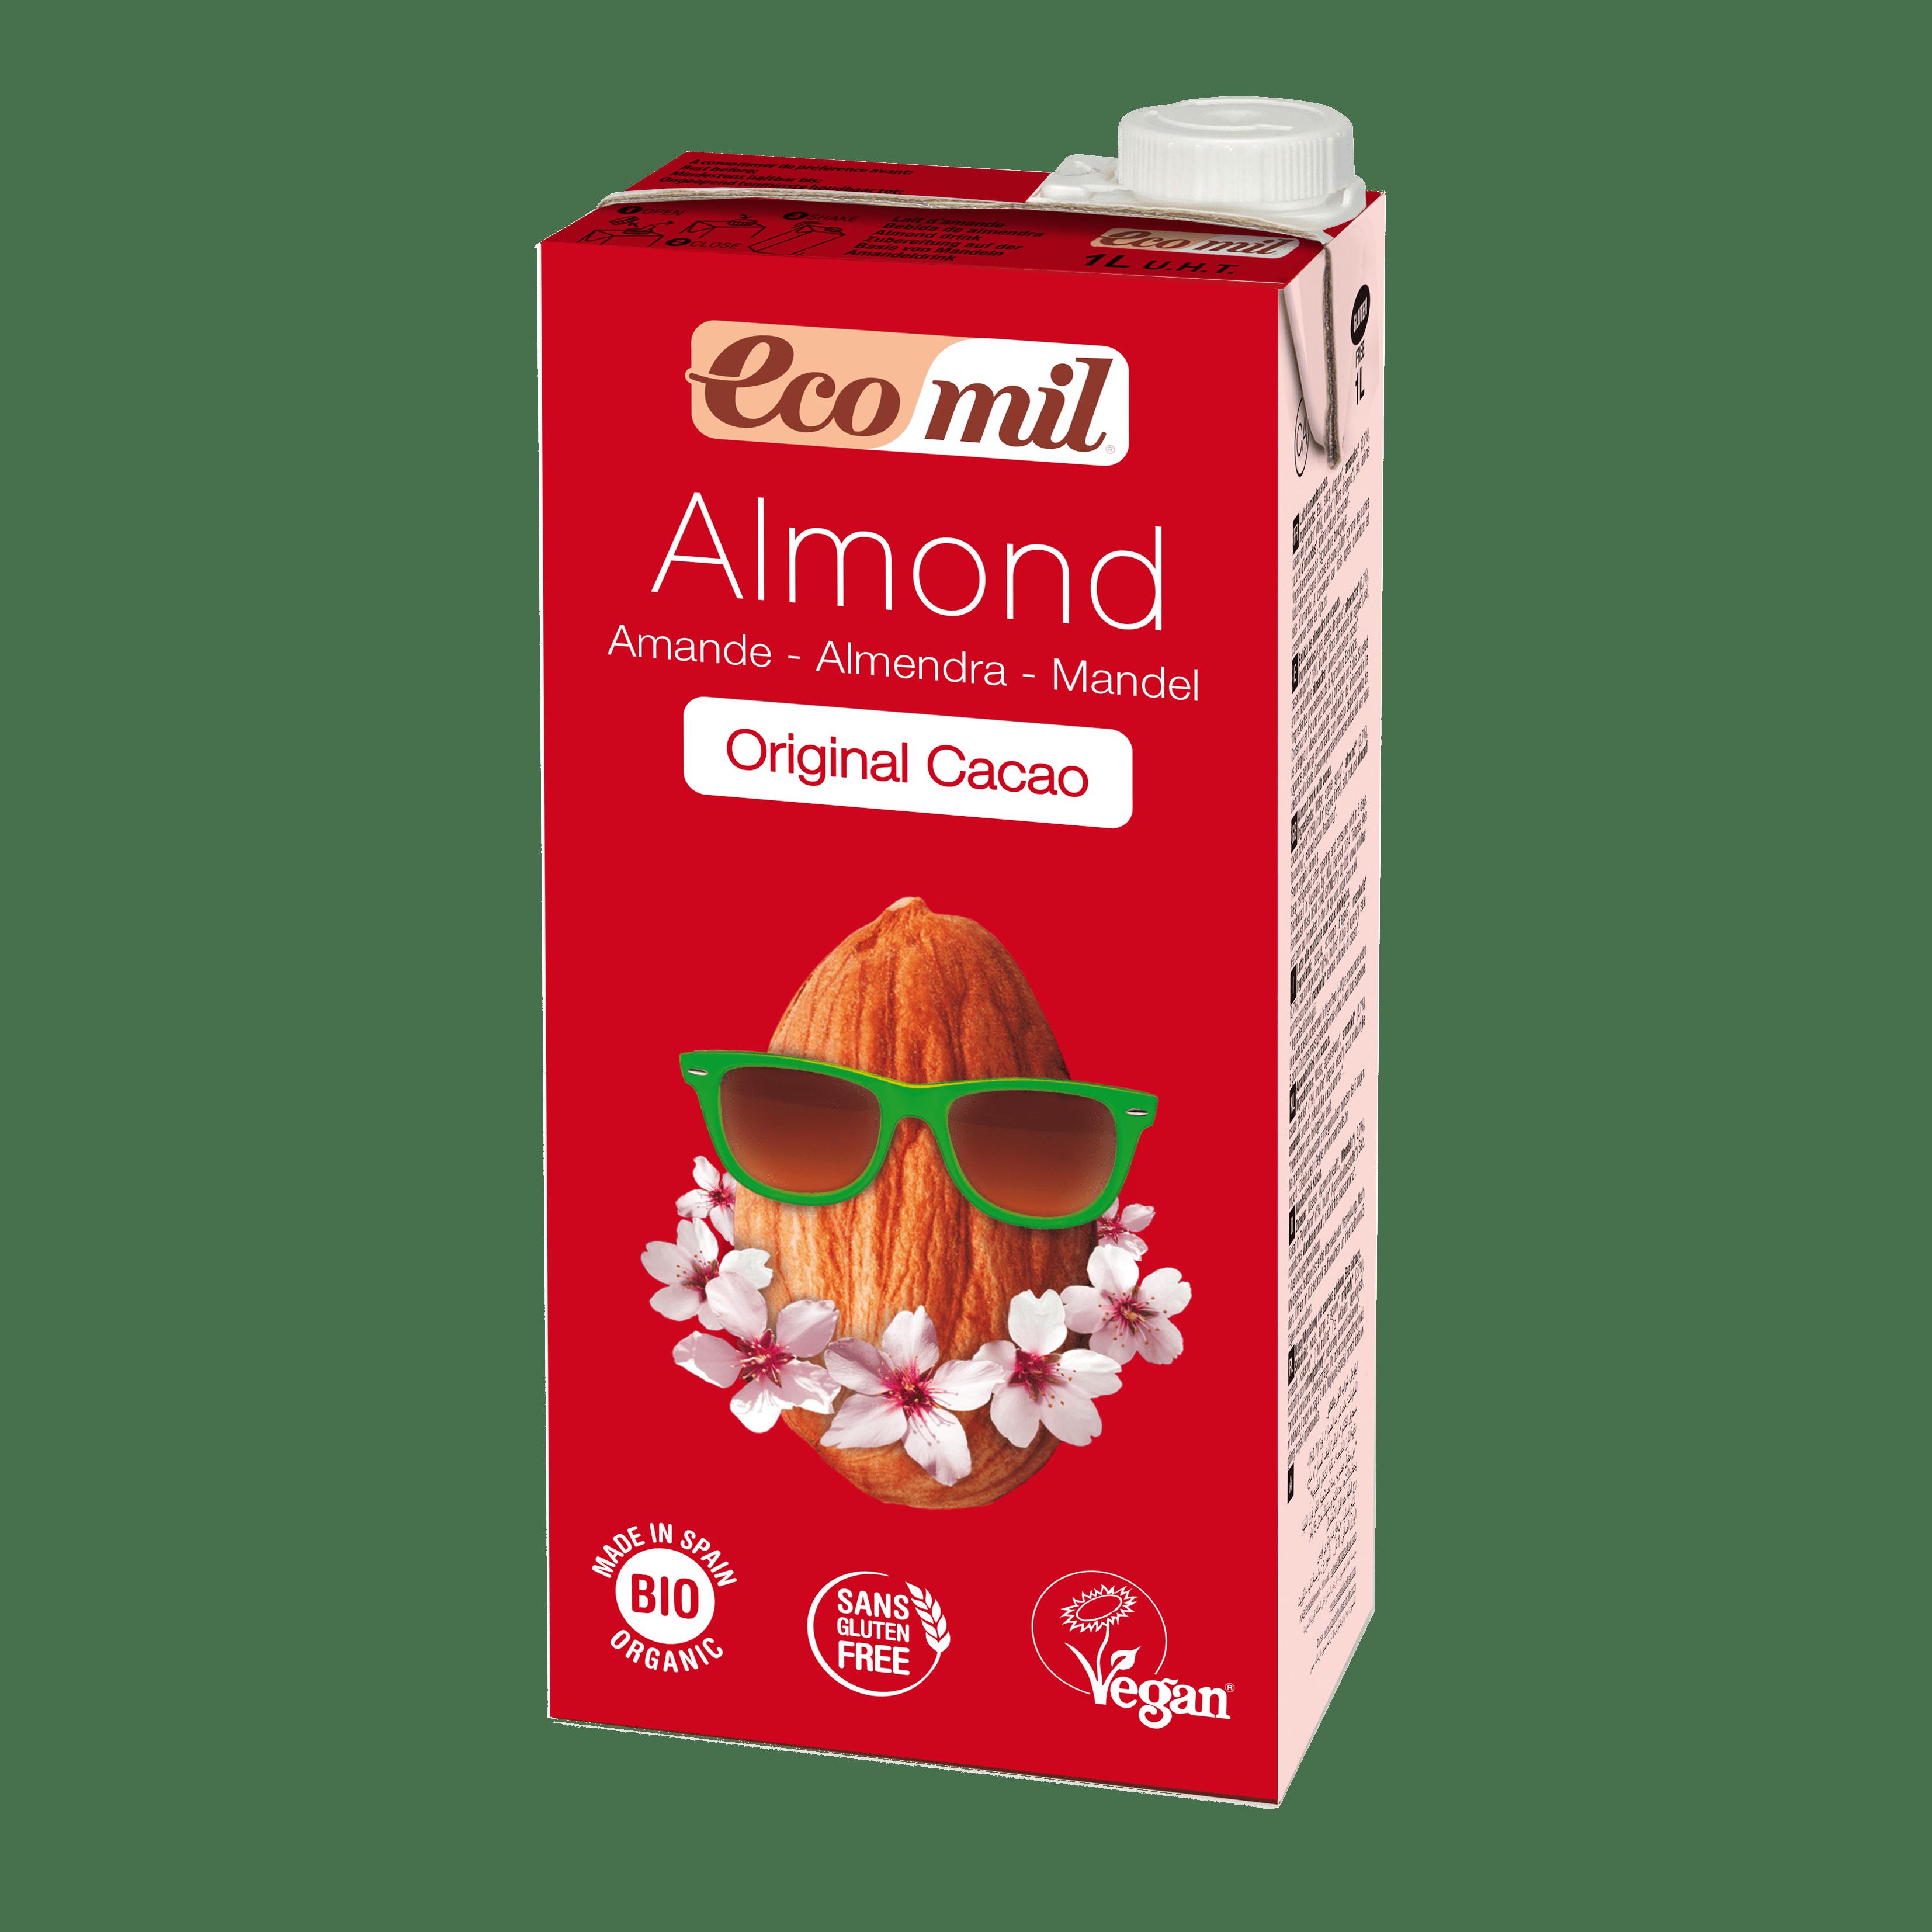 Органічне рослинне молоко з мигдалю з сиропом агави і з какао, 1л - купить в интернет-магазине Юнимед